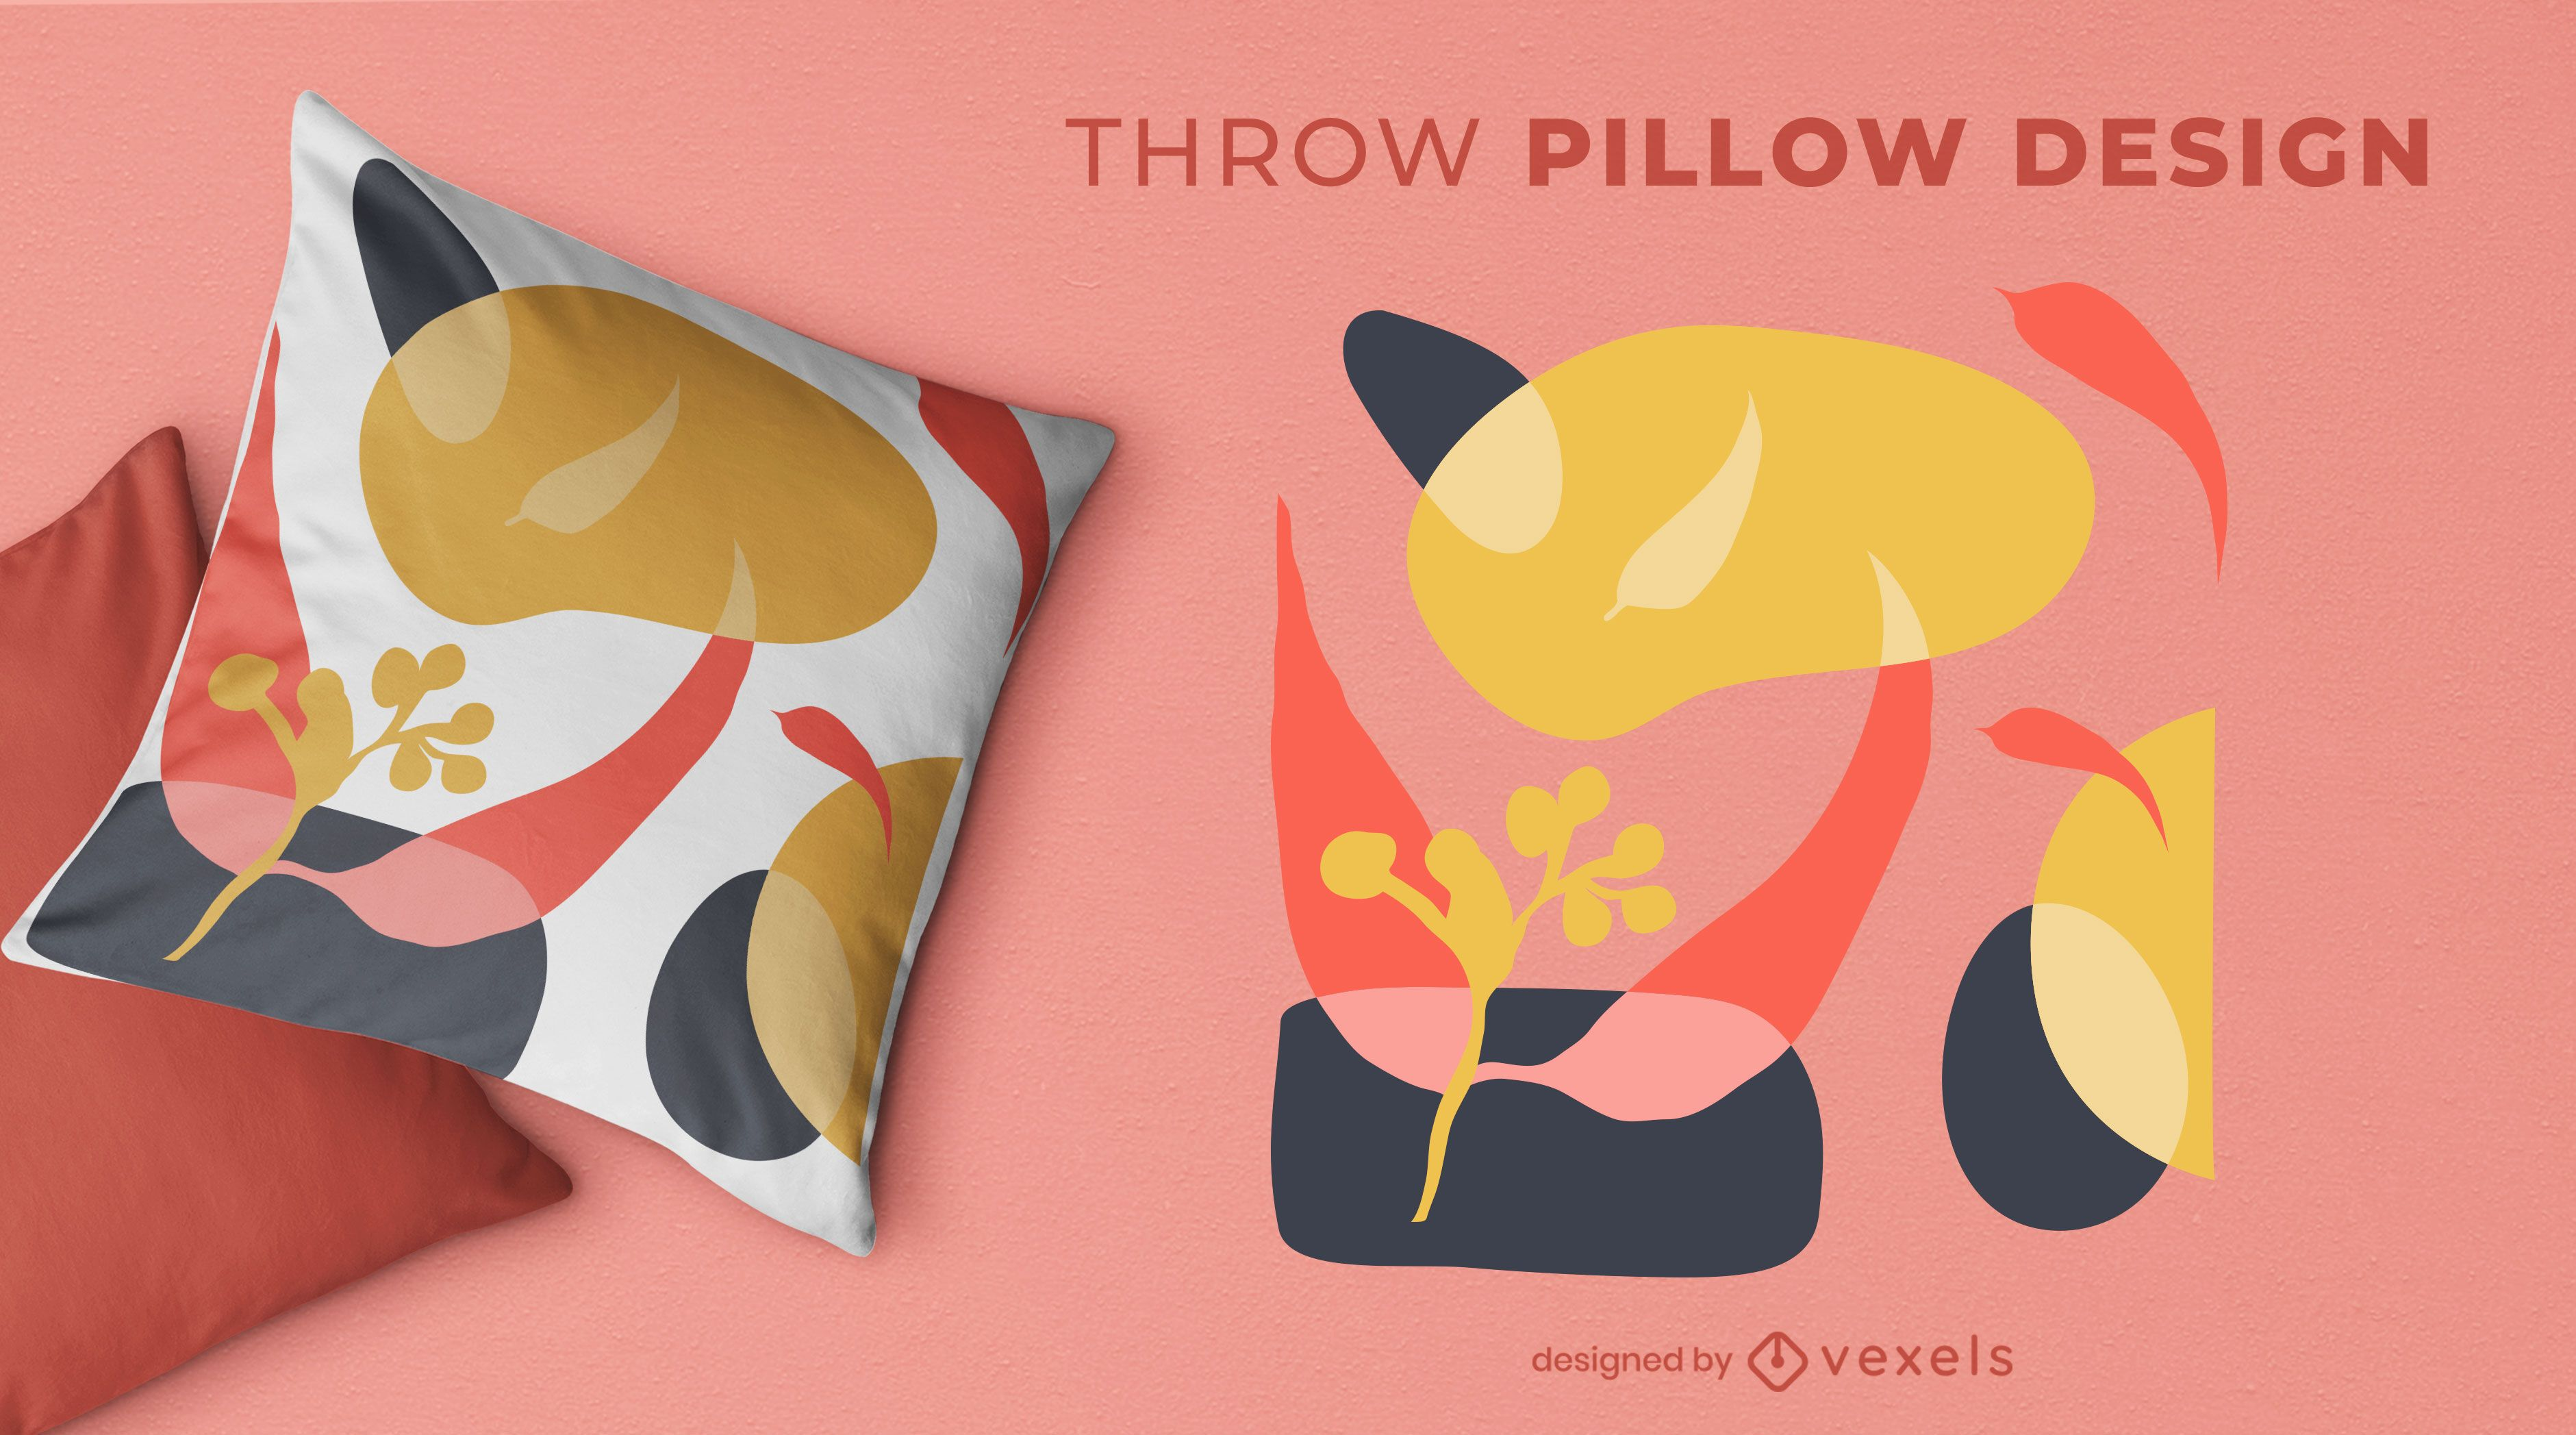 Diseño de almohada de tiro orgánico abstracto